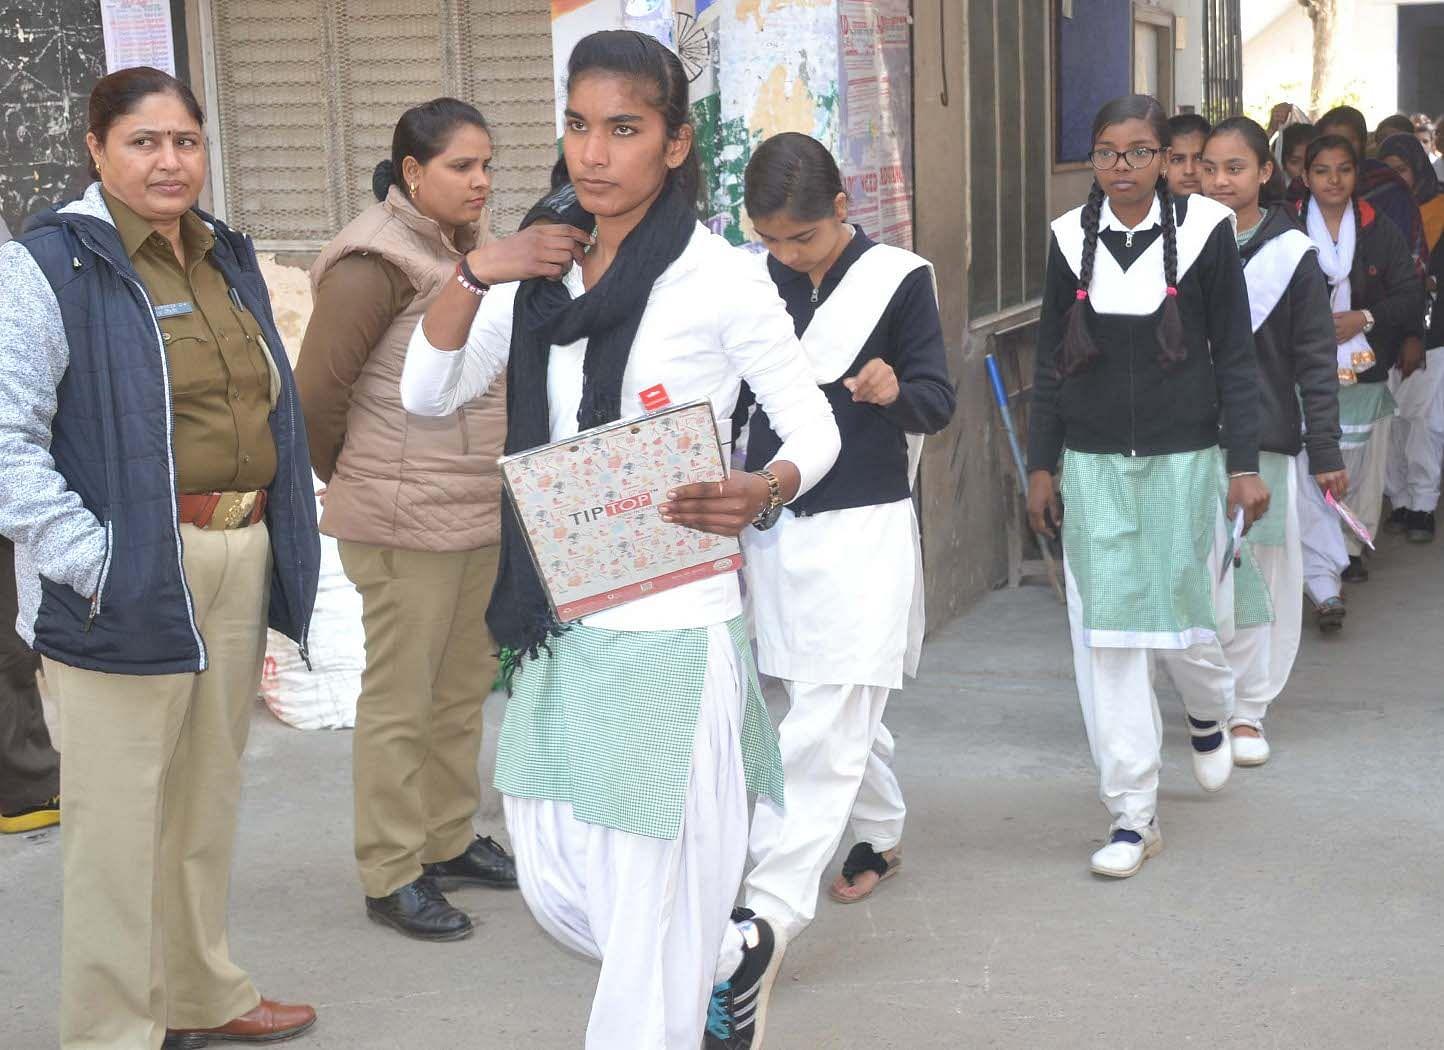 शामली हिन्दू कन्या  कॉलिज  में यू पी  बोर्ड हाई स्कूल की  परिक्षा देकर लोटती छात्राएं